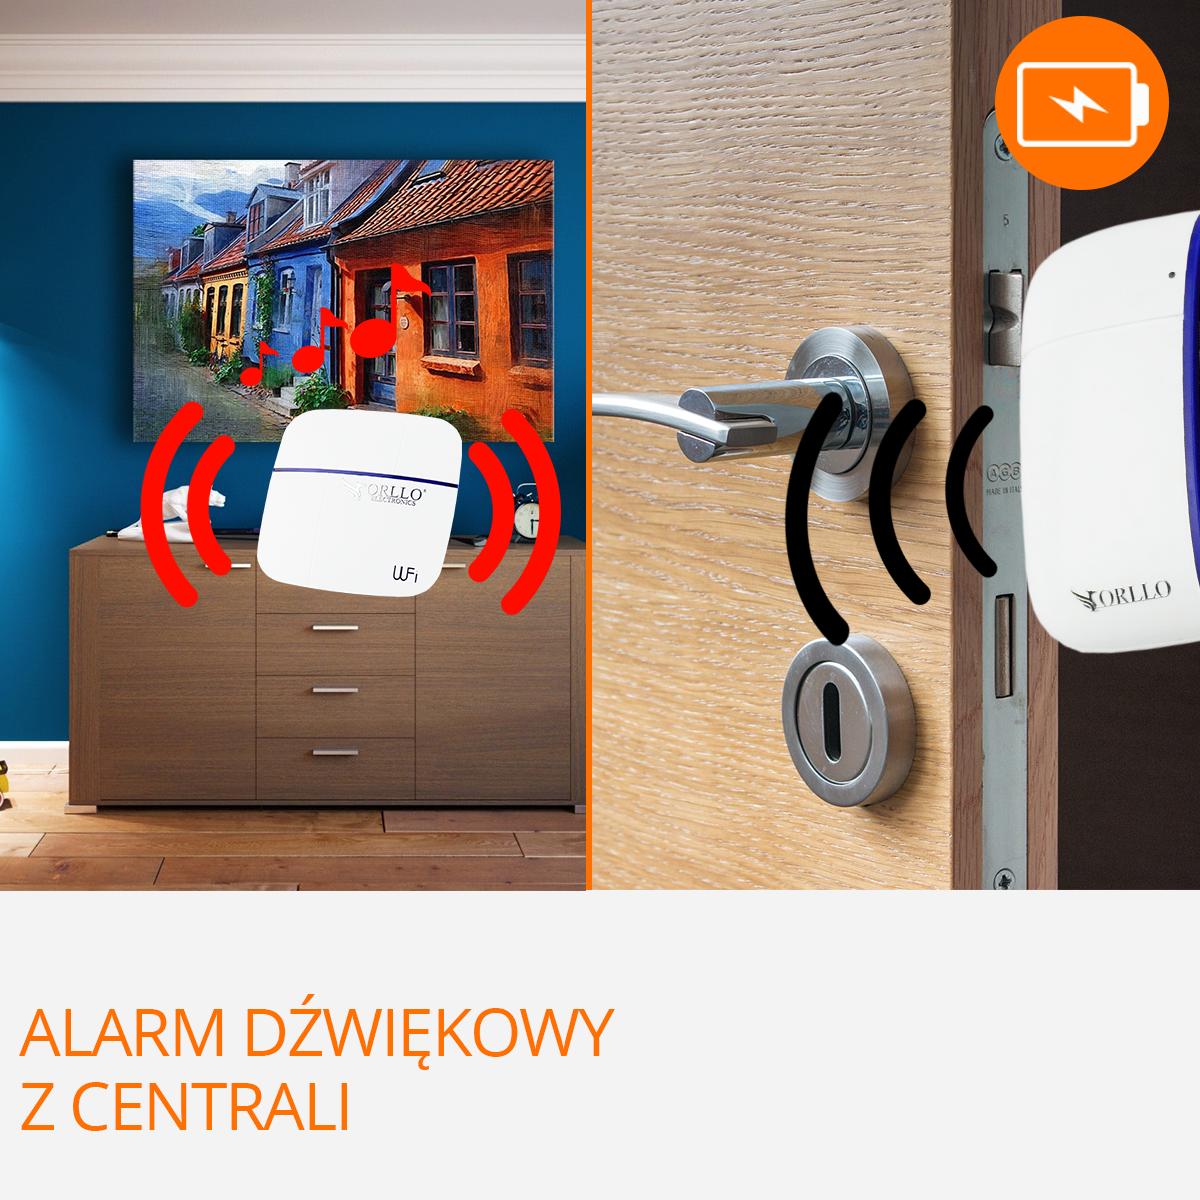 Centrala-alarmowa-czujnik-otwiertania-drzwi-alarm-orllo-pl